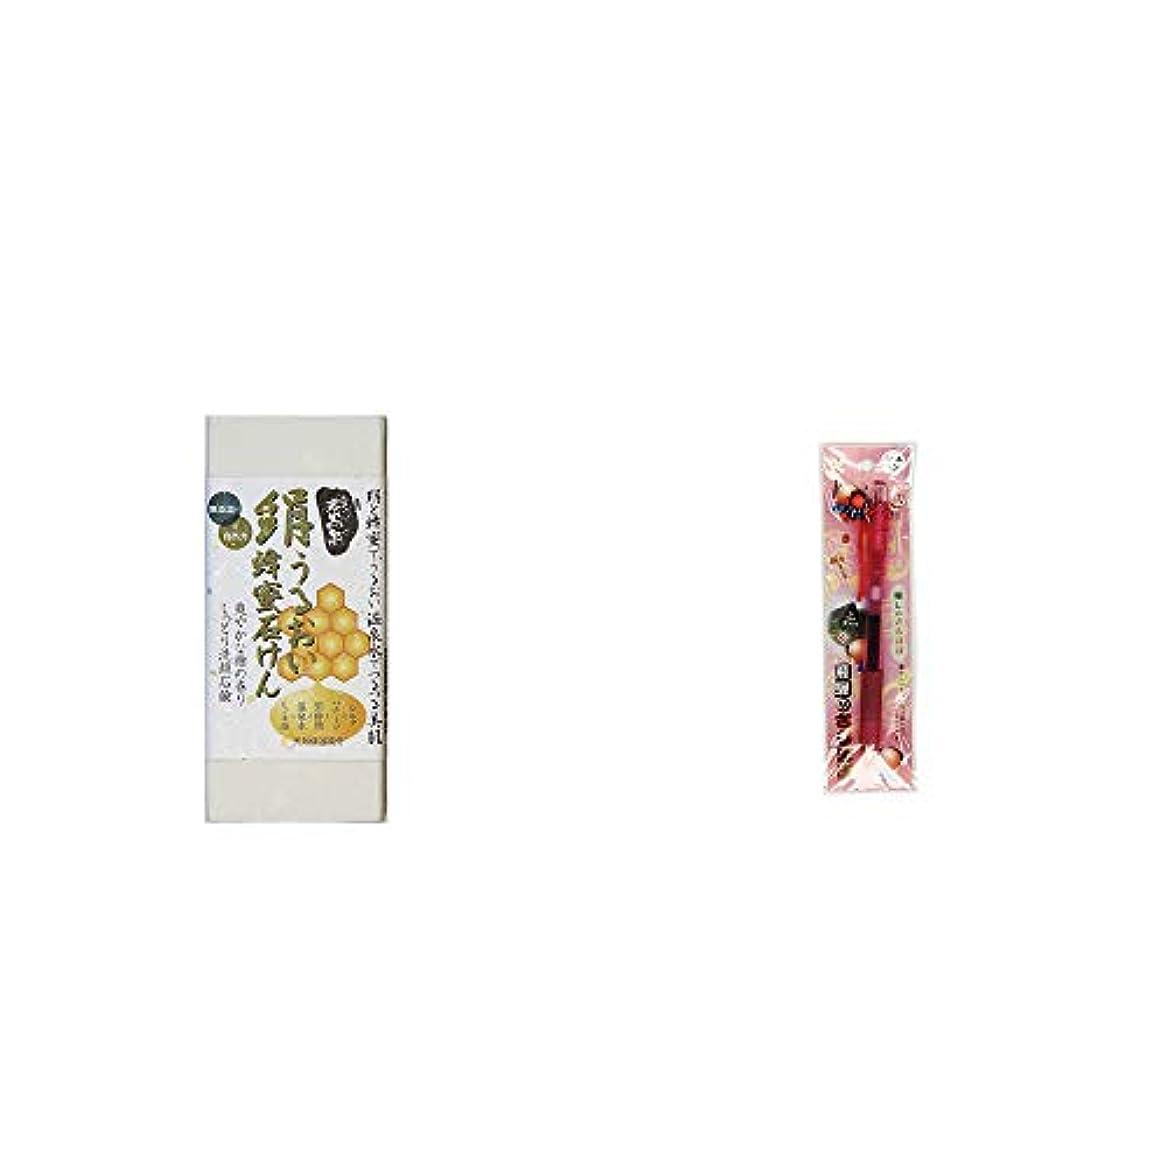 位置するコンペ未接続[2点セット] ひのき炭黒泉 絹うるおい蜂蜜石けん(75g×2)?さるぼぼ 癒しボールペン 【ピンク】